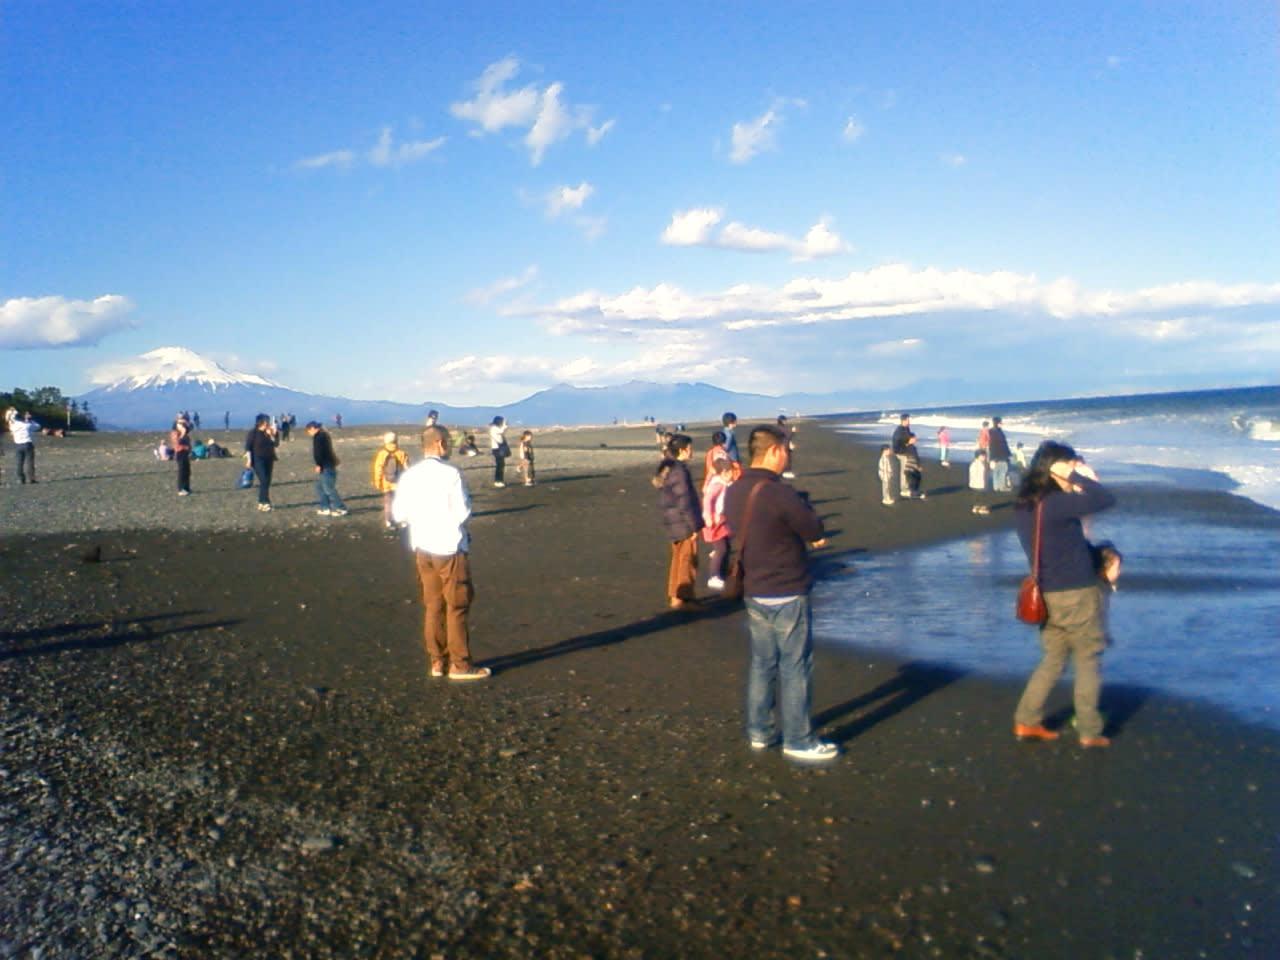 沸き返る富士山の世界文化遺産登録 三保の松原の逆転登録 - まつや清の日記